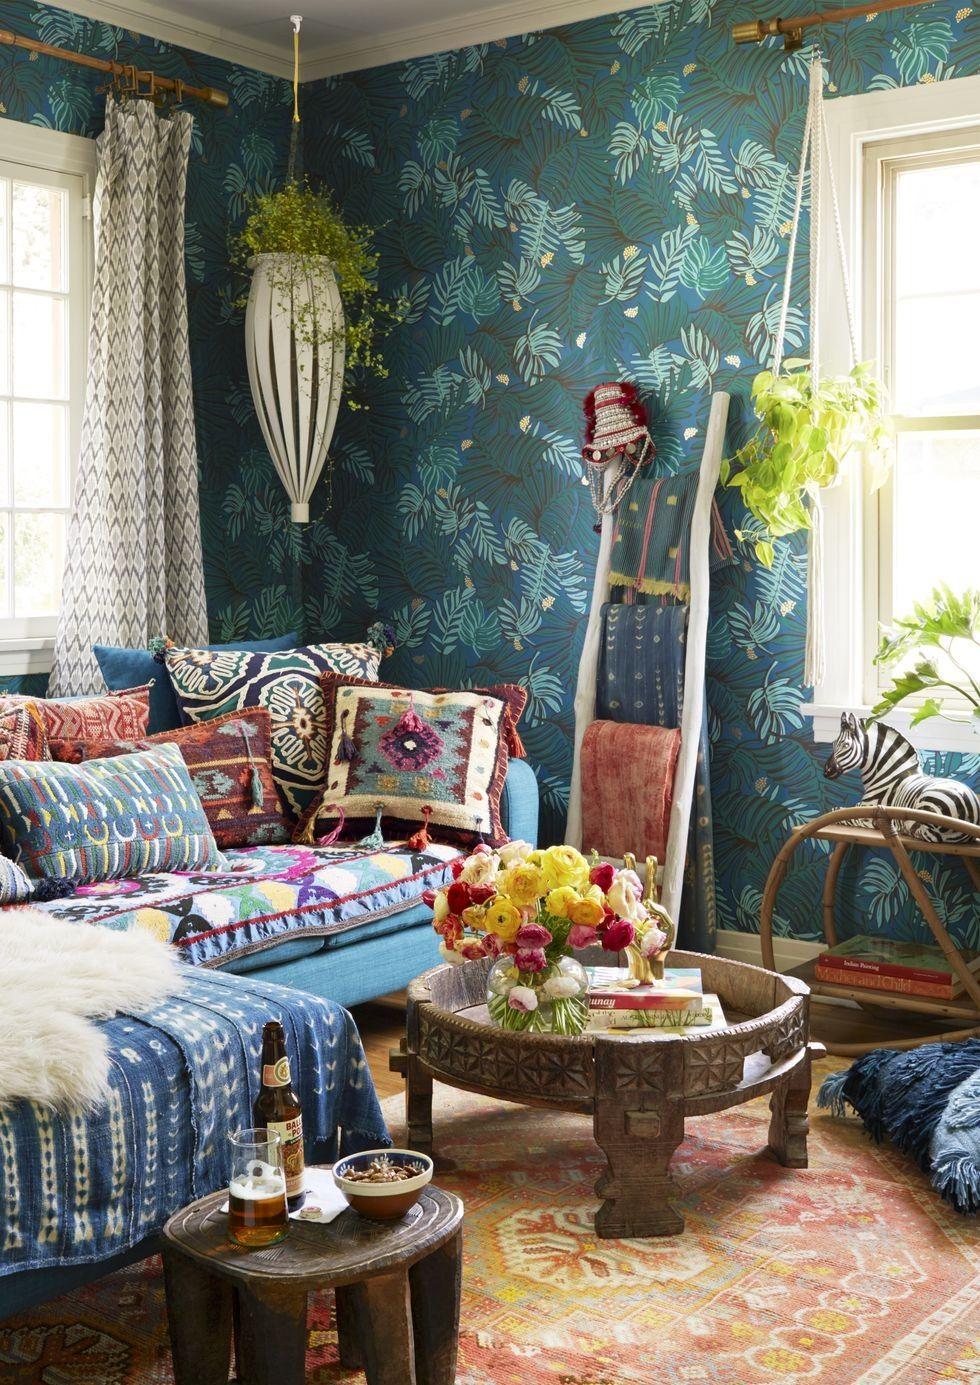 Tường nhà nhiều màu sắc hoặc các màu sắc nổi bật giúp không gian hấp dẫn hơn